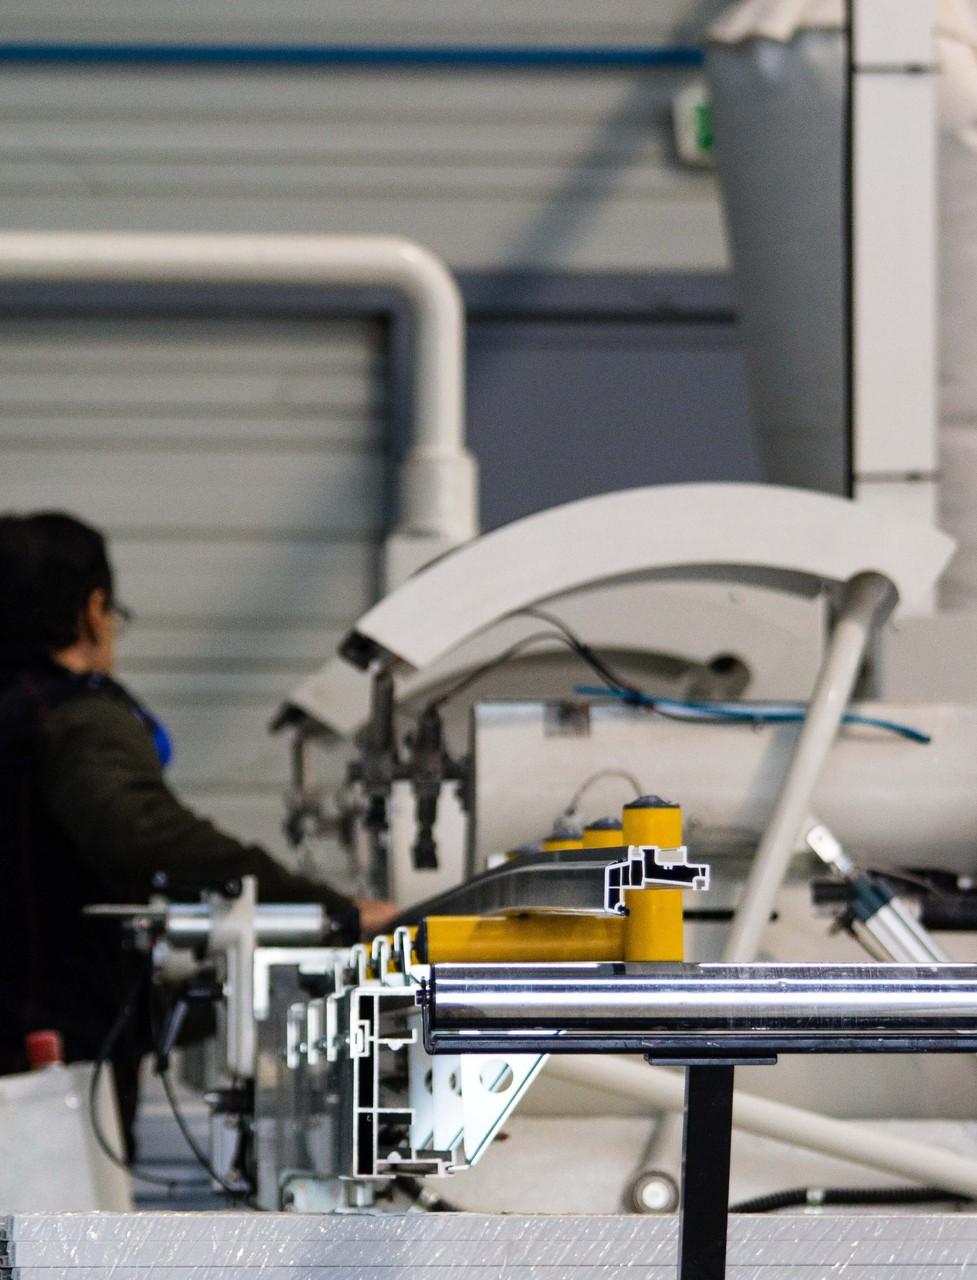 Menco - Atelier de fabrication de Folelli - Centre d'usinages pour profilés aluminium et PVC